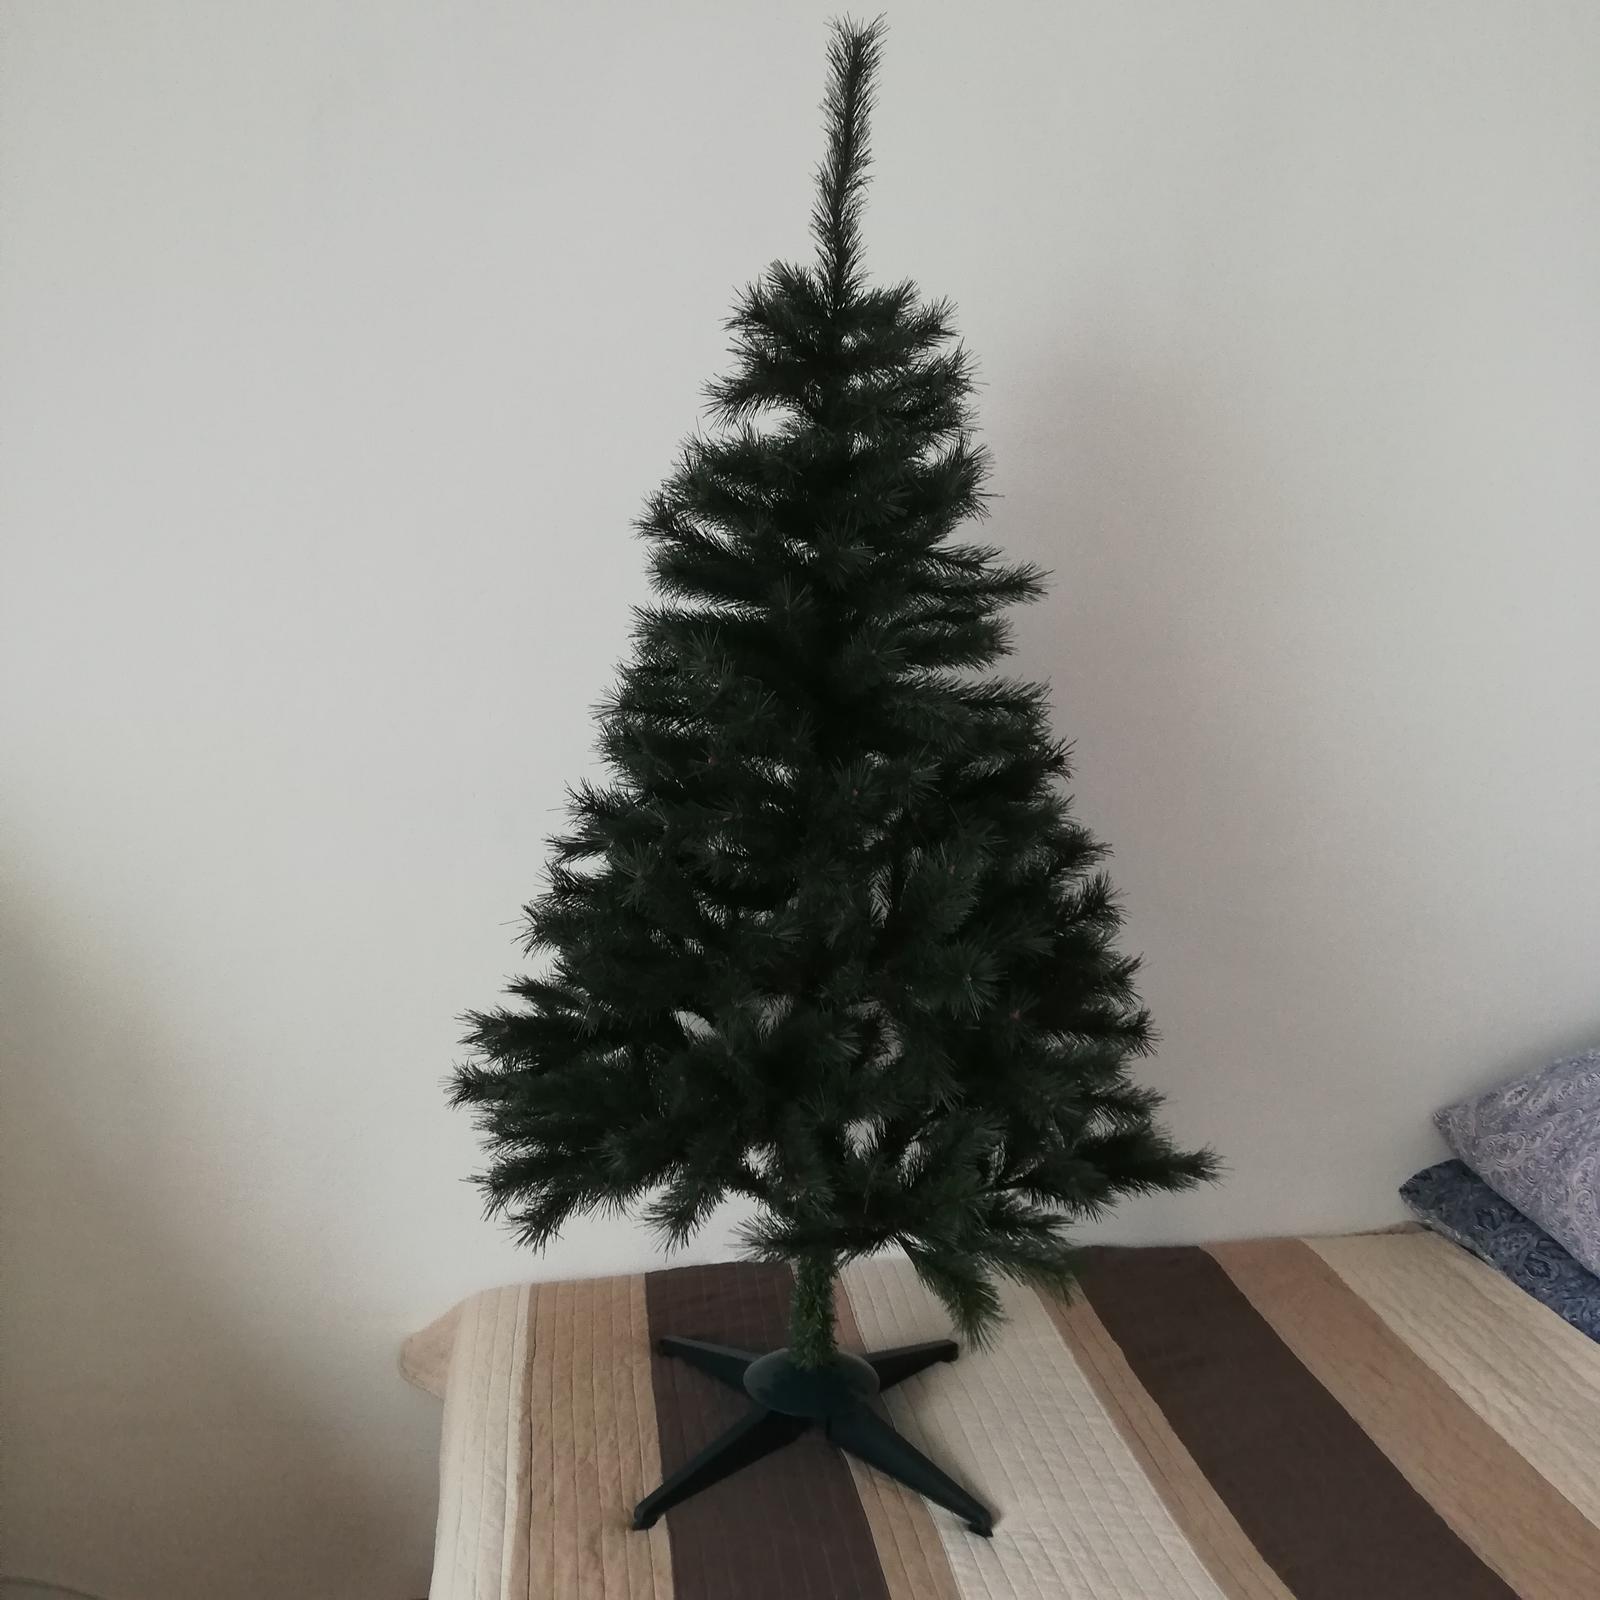 Vianočný stromcek - Obrázok č. 1